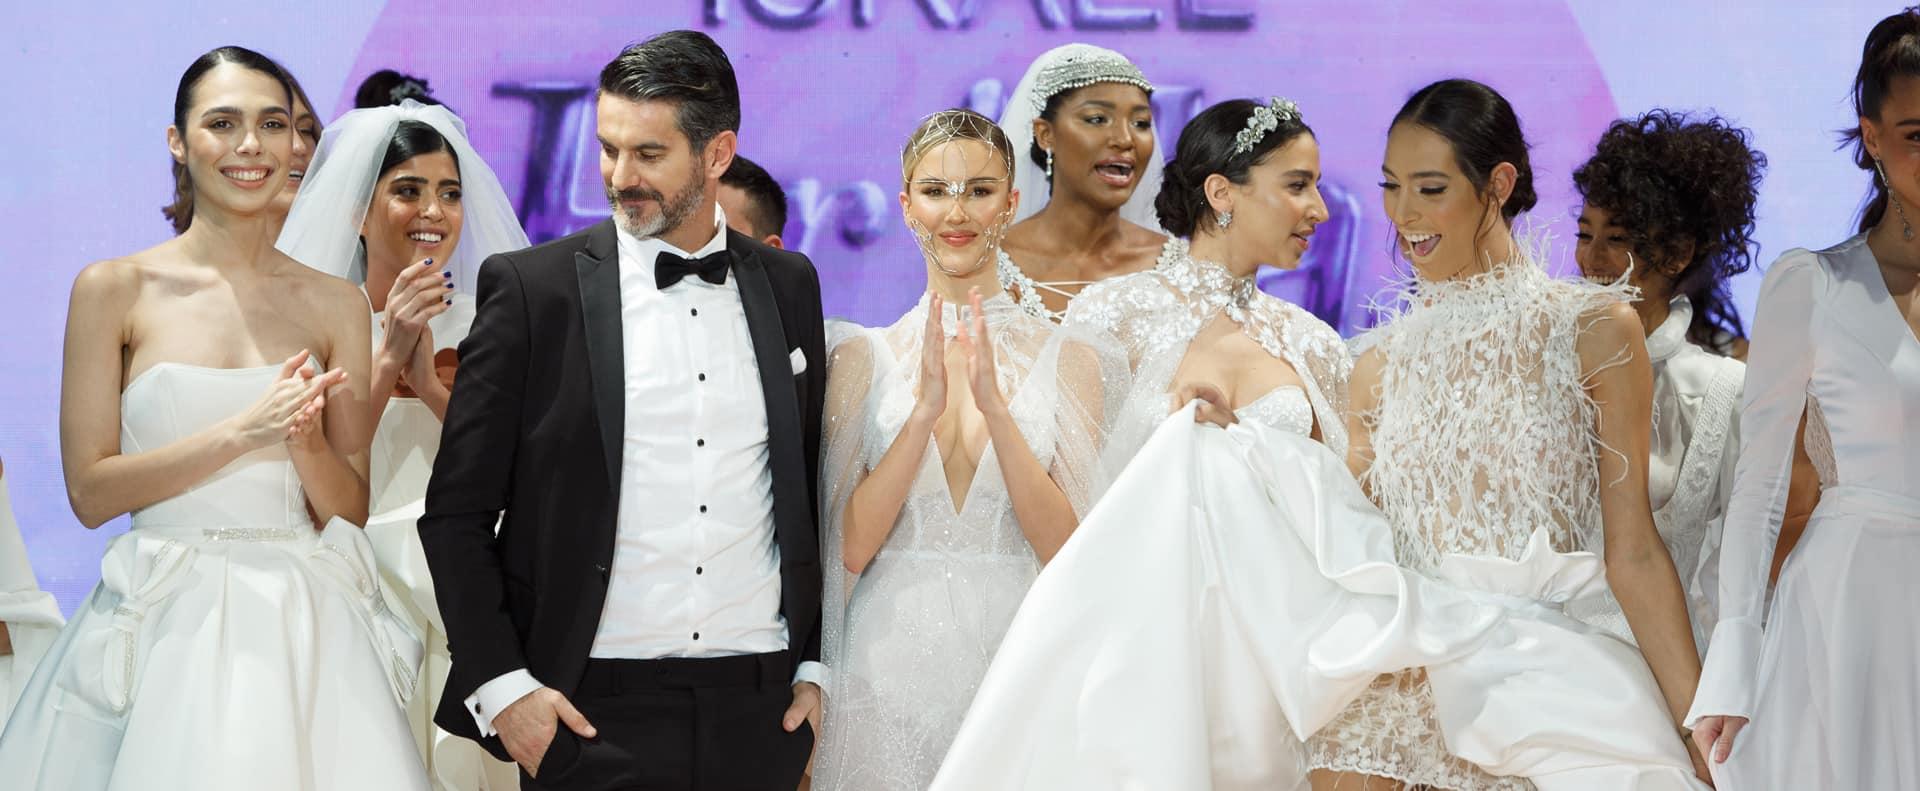 32gala_bridal_fashion_week_by_shlomit_itzik שבוע אופנה לכלות 2019 צילום שלומית איציק-1